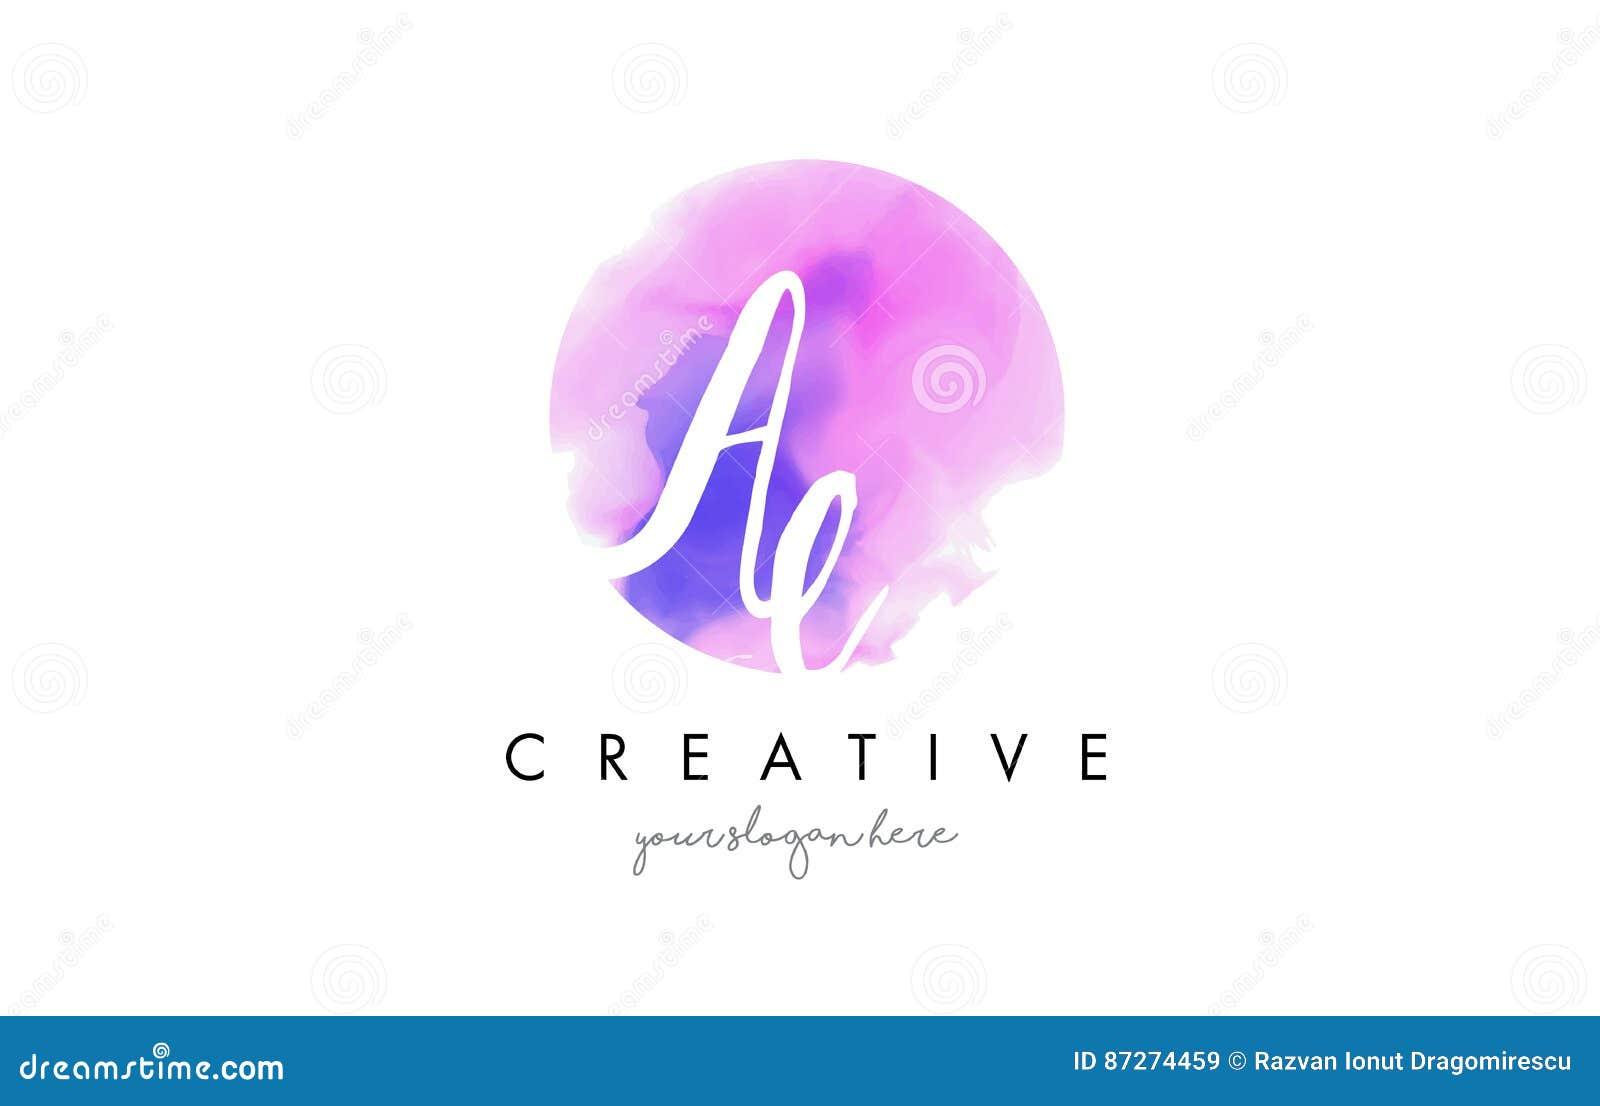 Дизайн логотипа письма акварели AE с фиолетовым ходом щетки